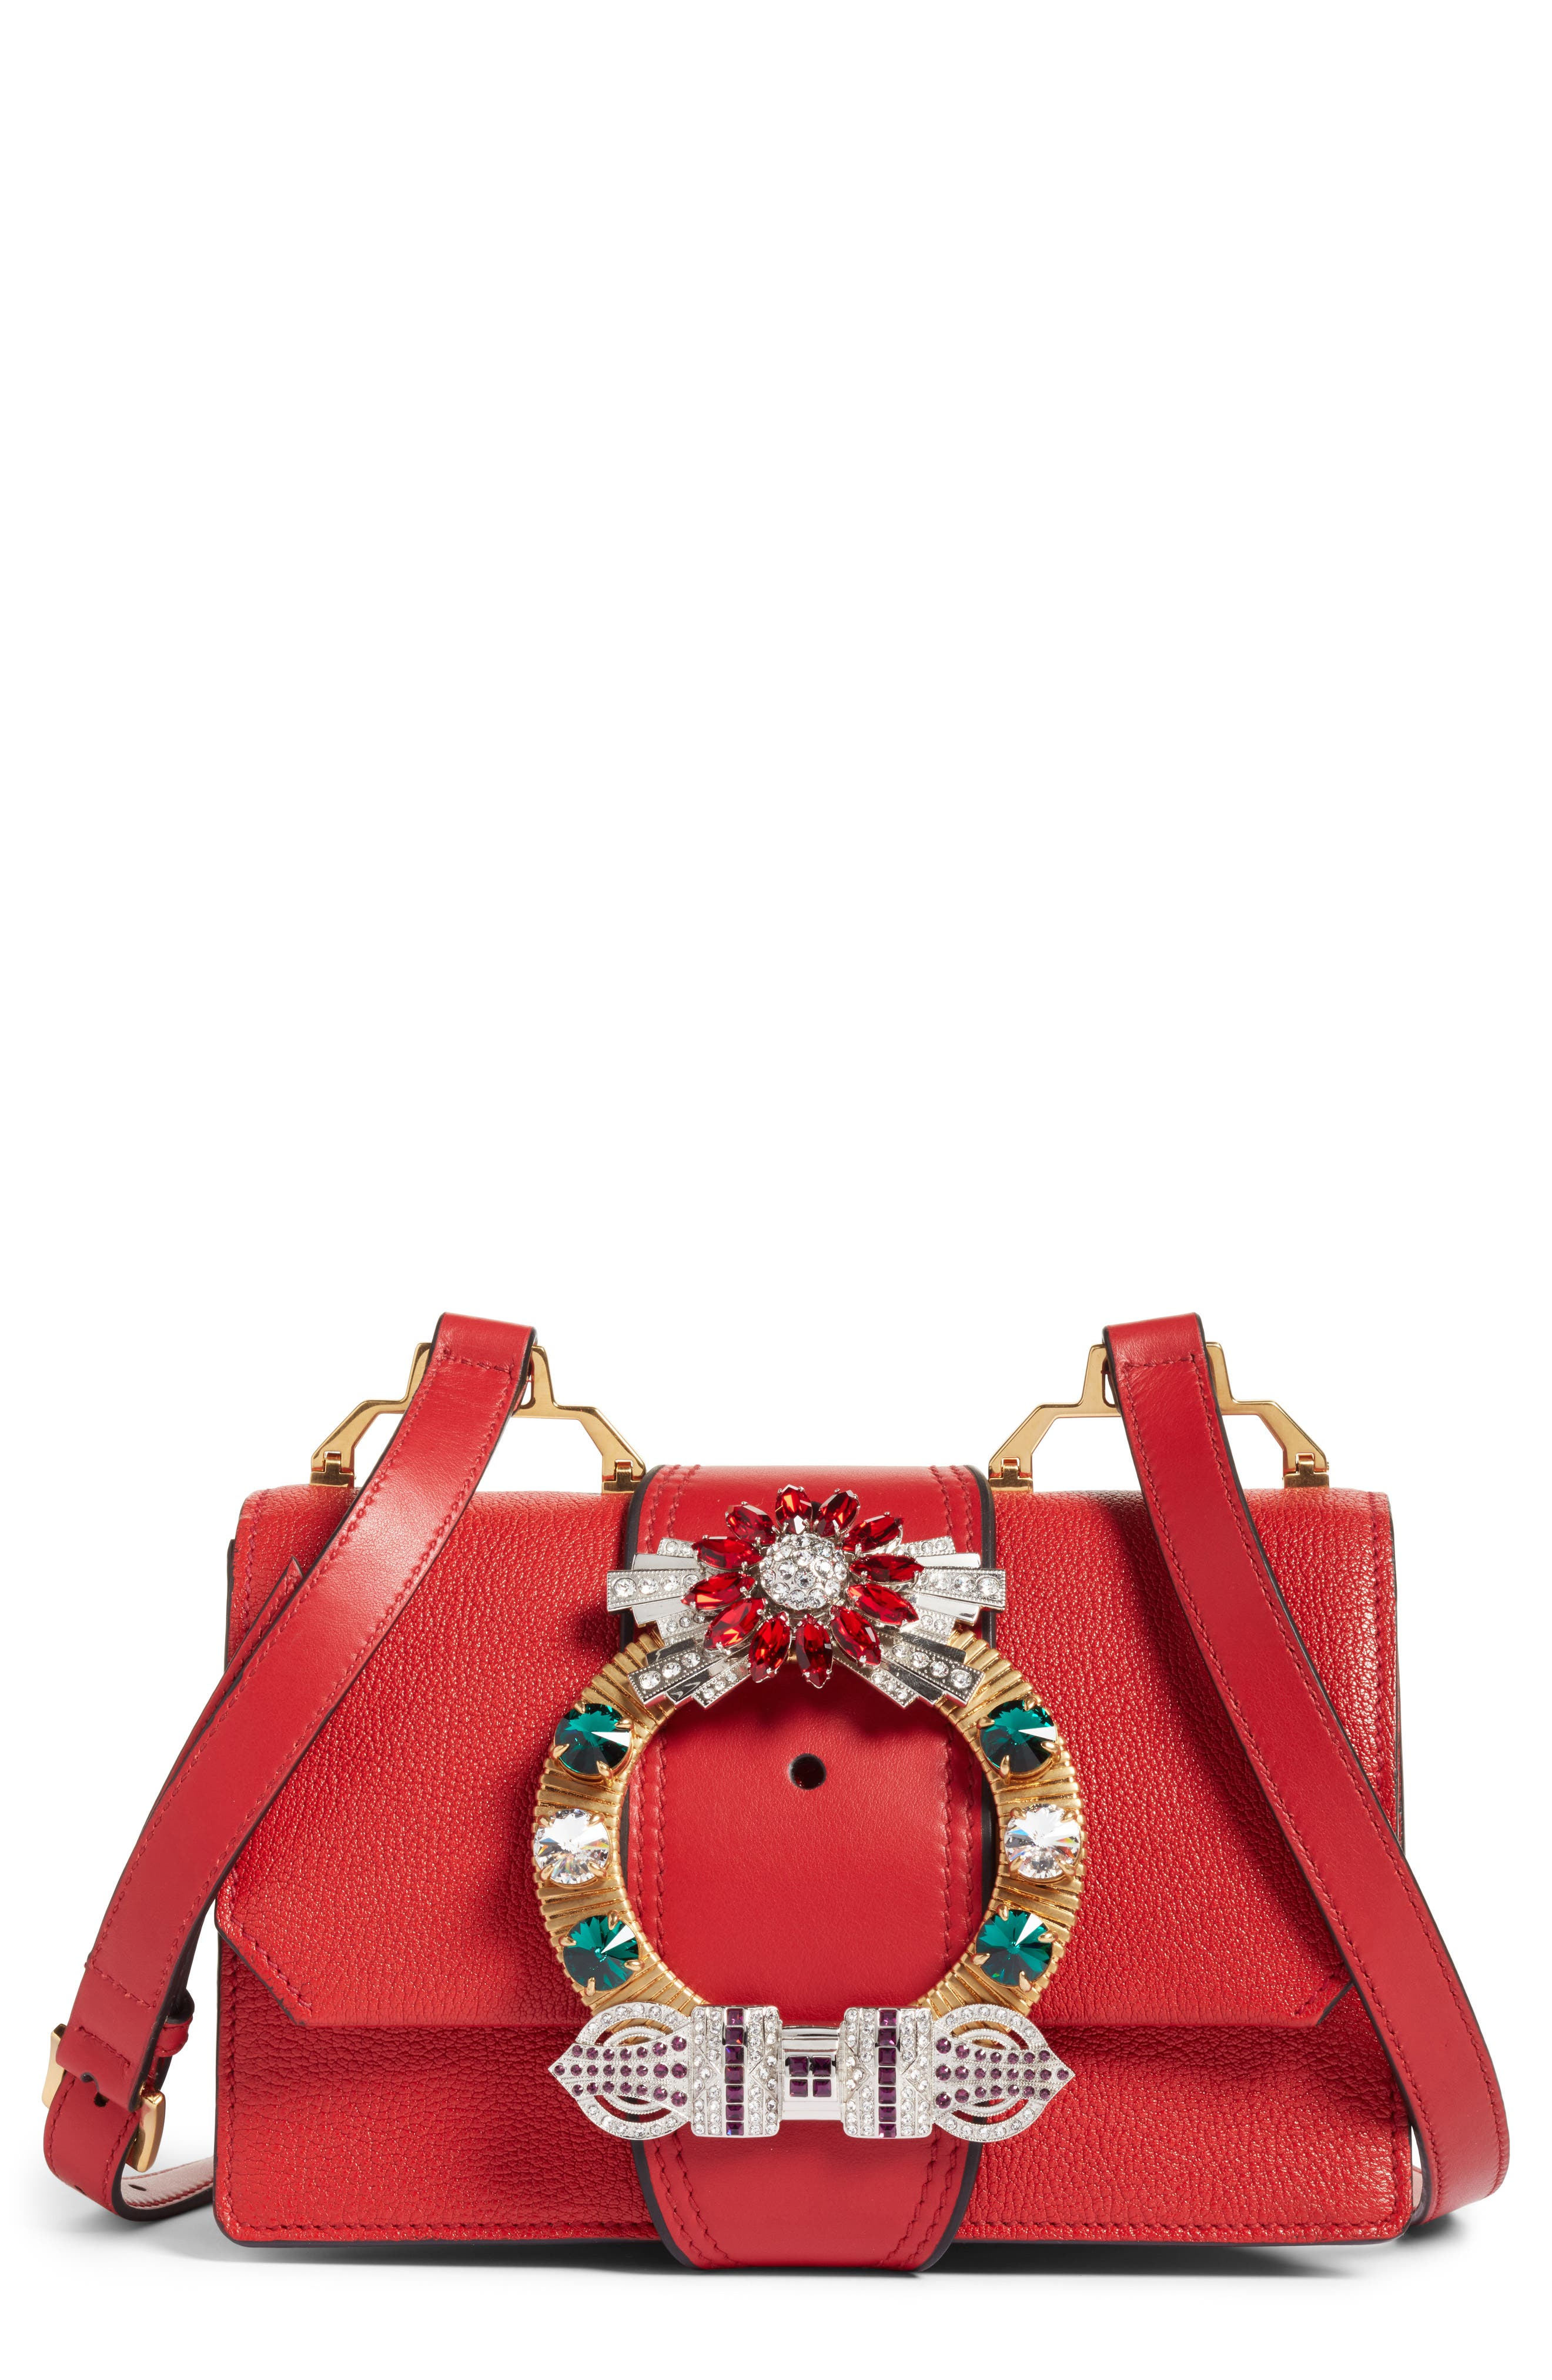 Alternate Image 1 Selected - Miu Miu Madras Crystal Embellished Leather Shoulder Bag